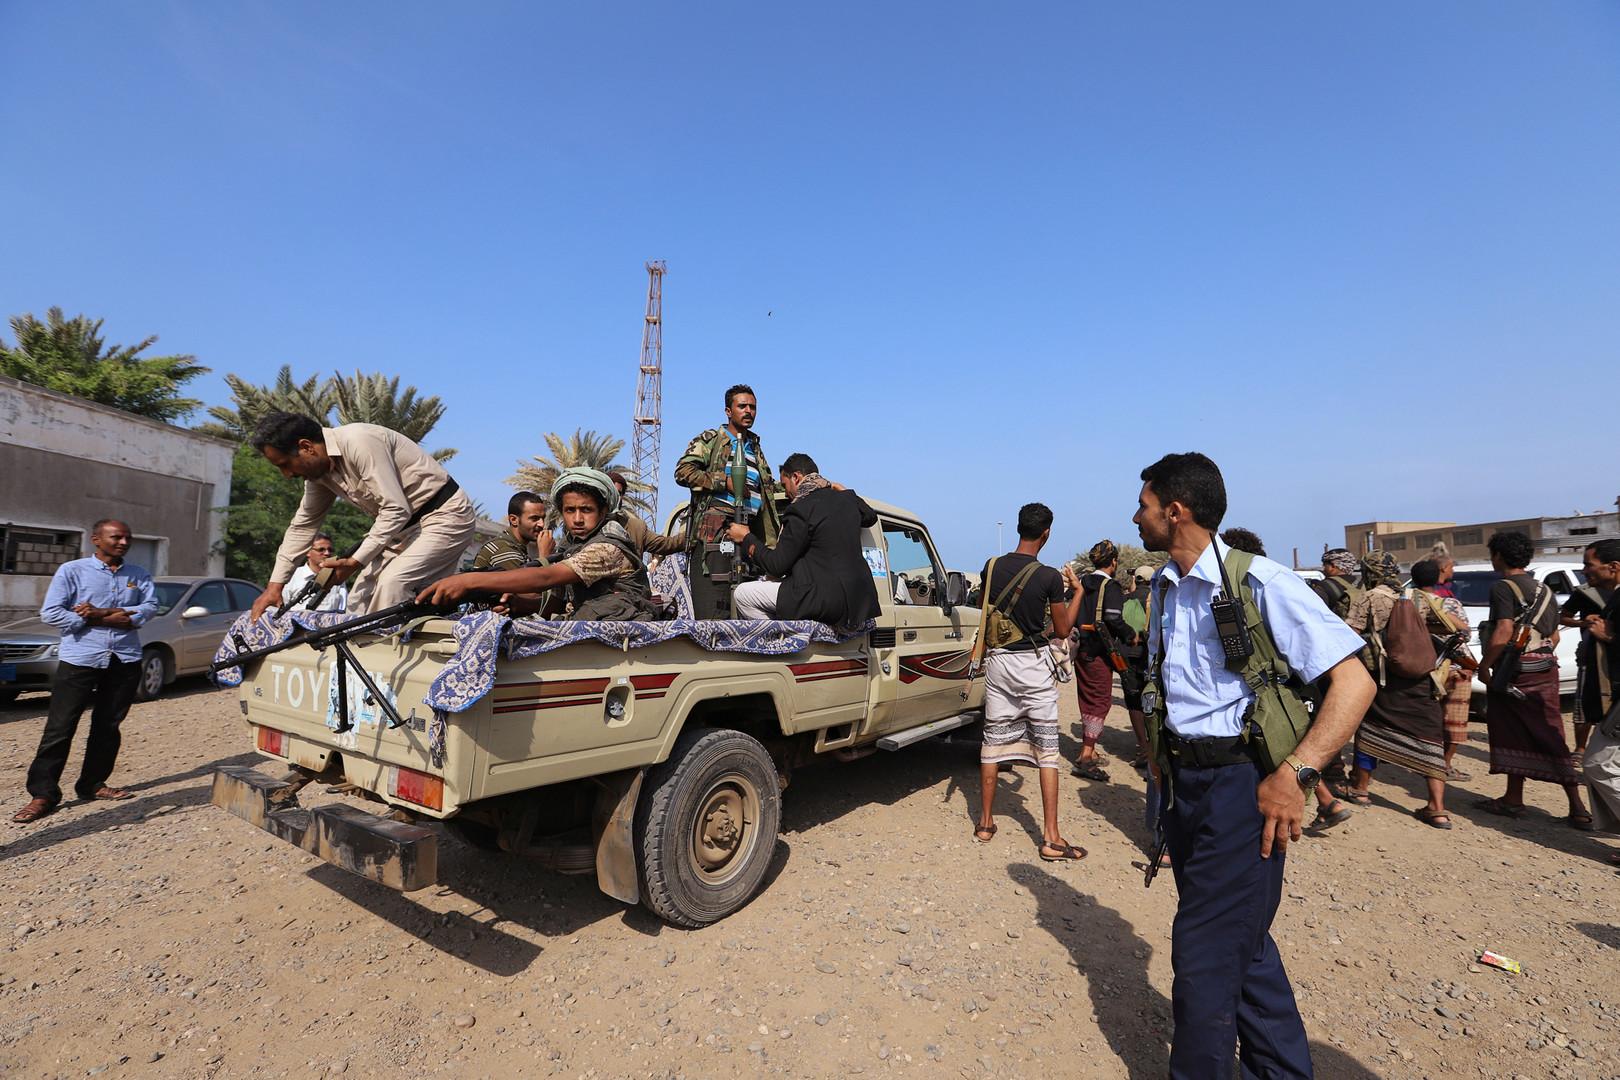 اليمن.. قتلى وجرحى جراء تصعيد عسكري في الحديدة وسط اتهامات متبادلة